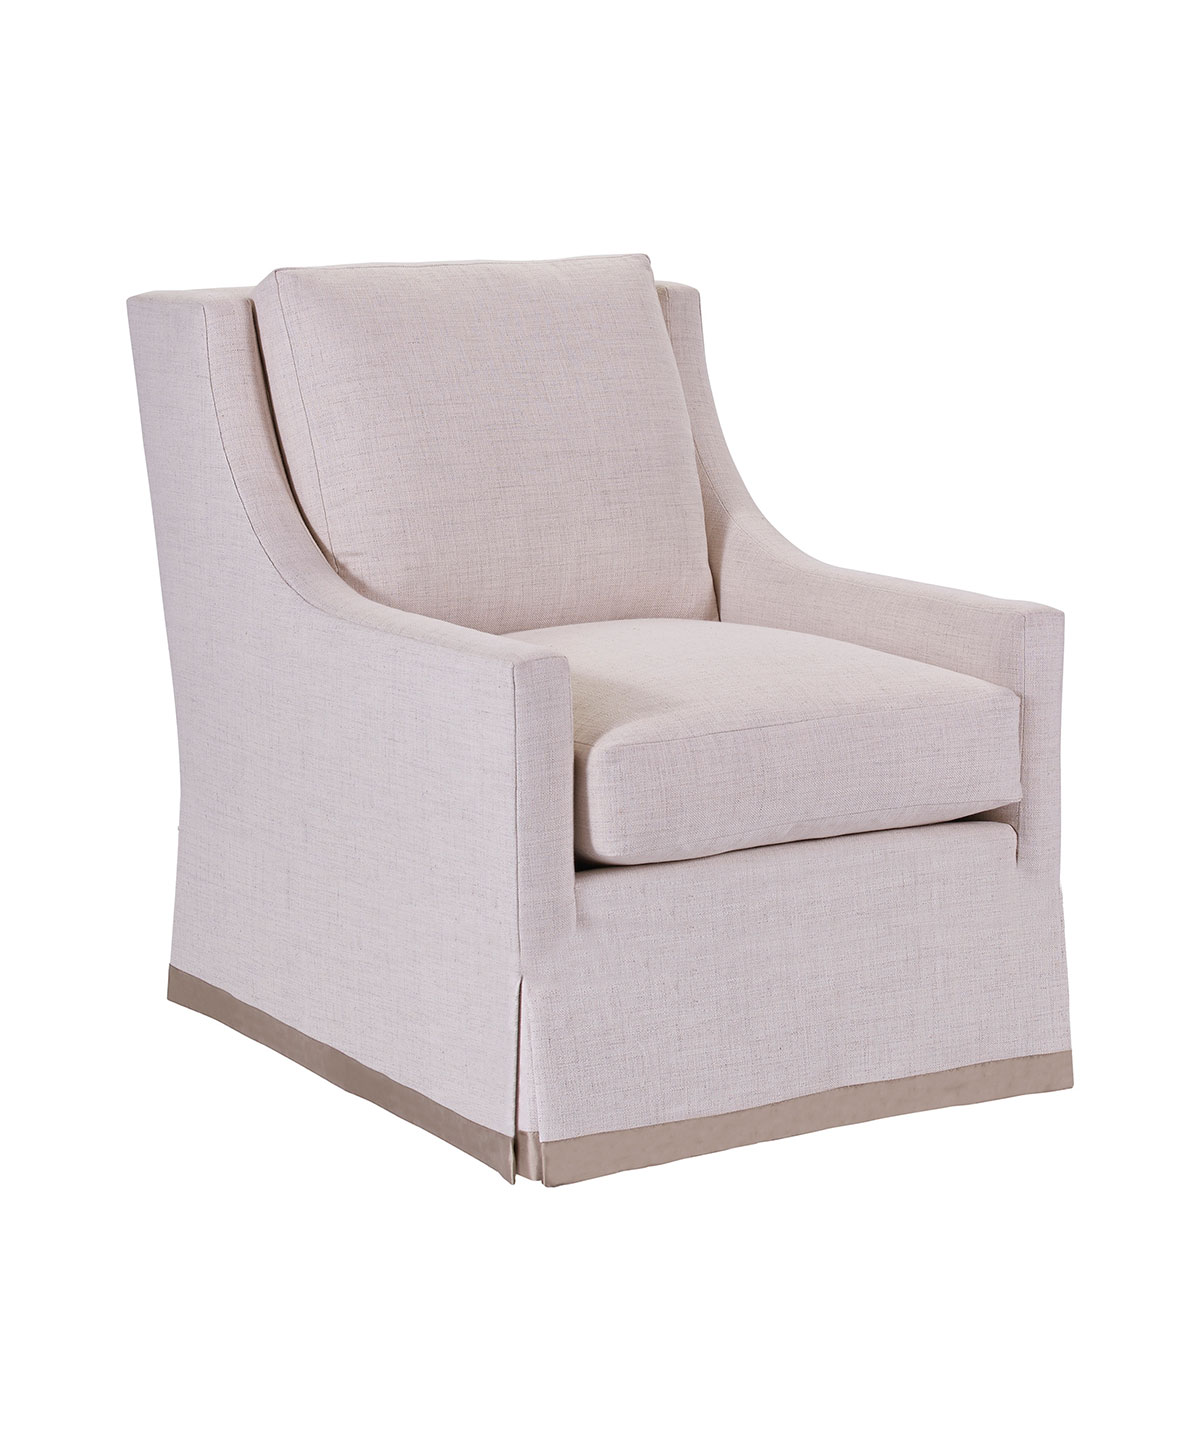 Chatham Chair